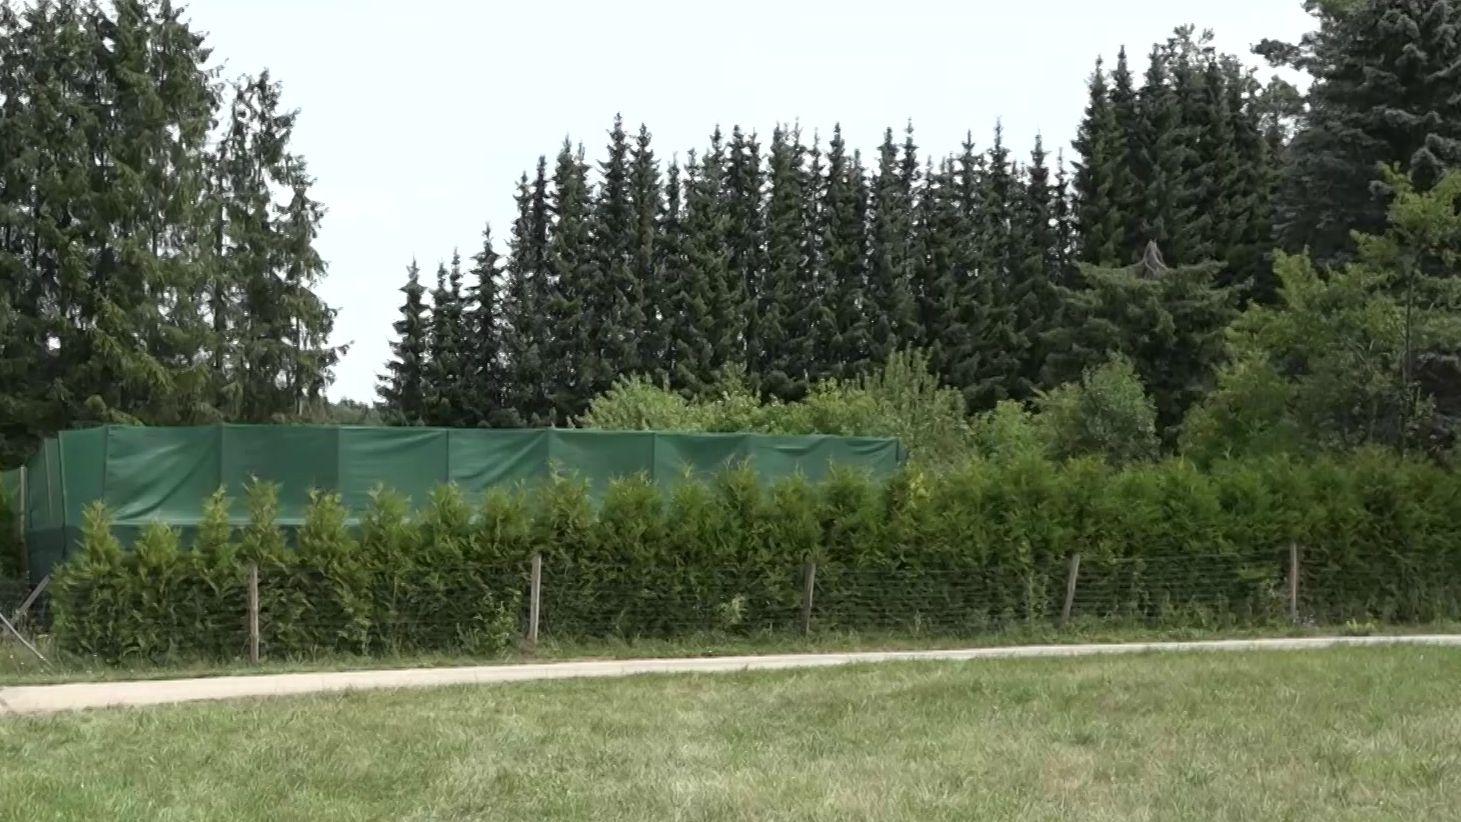 Haschischplantage bei Neuhaus/Pegnitz